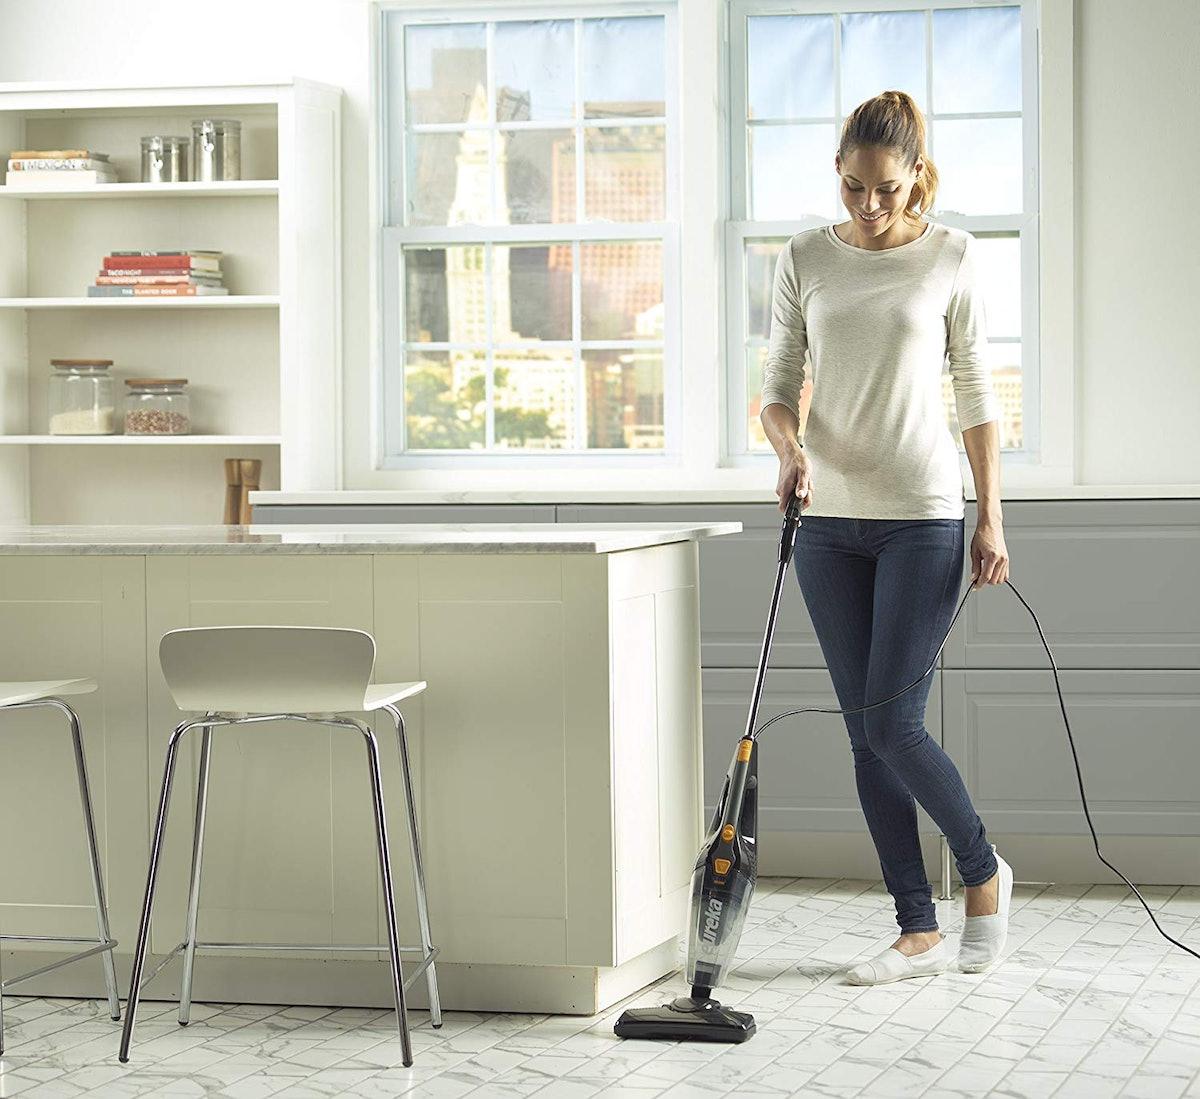 Eureka 3-In-1 Vacuum